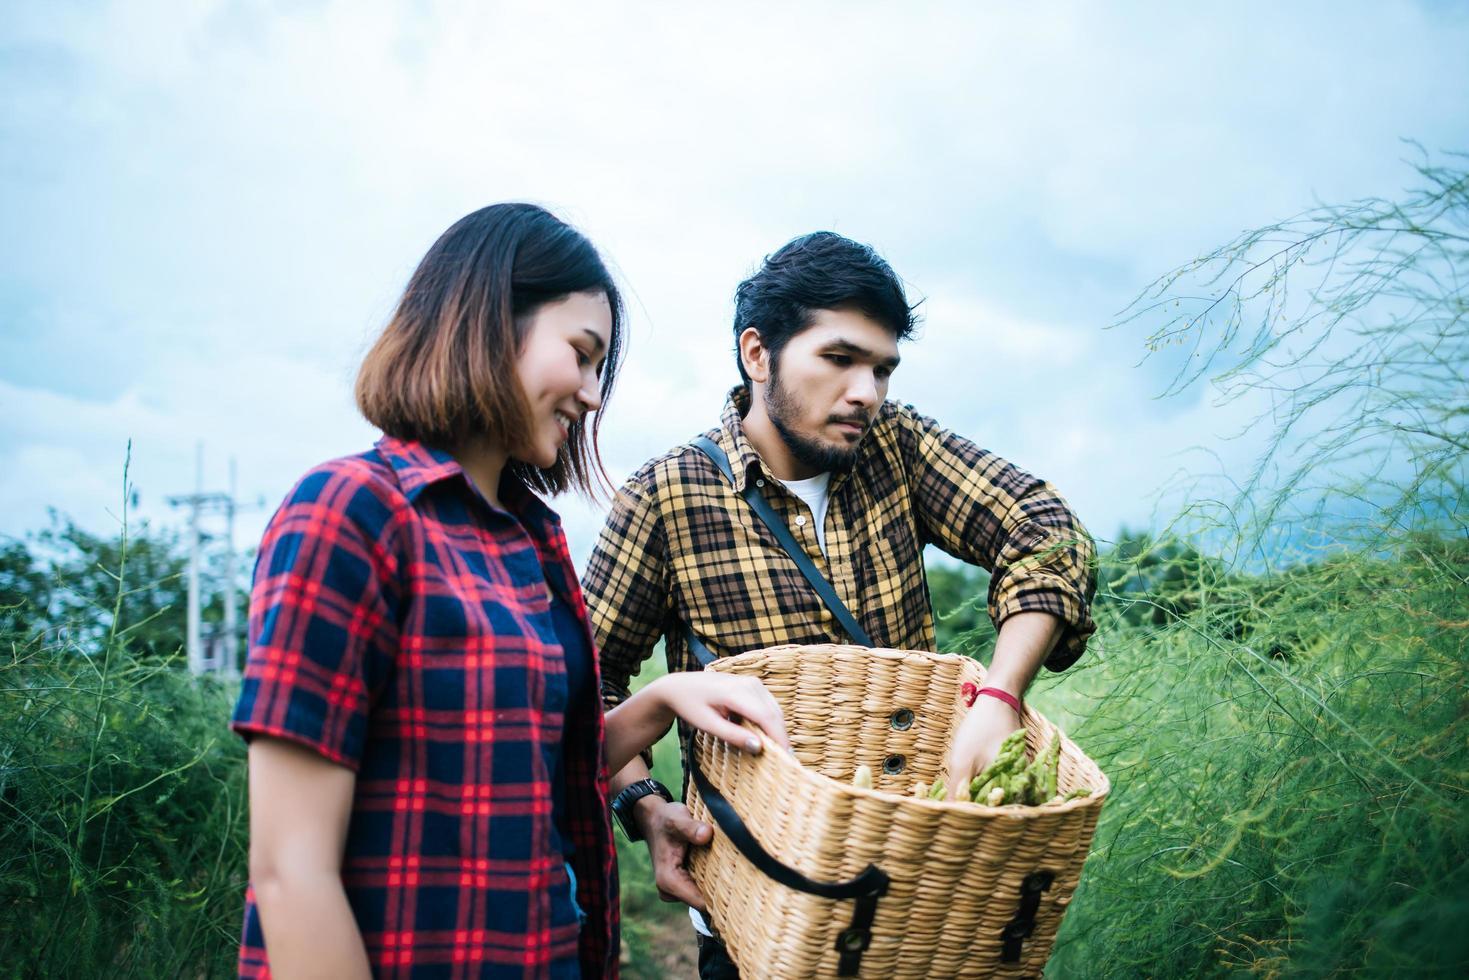 giovane coppia di contadini raccolta di asparagi freschi foto